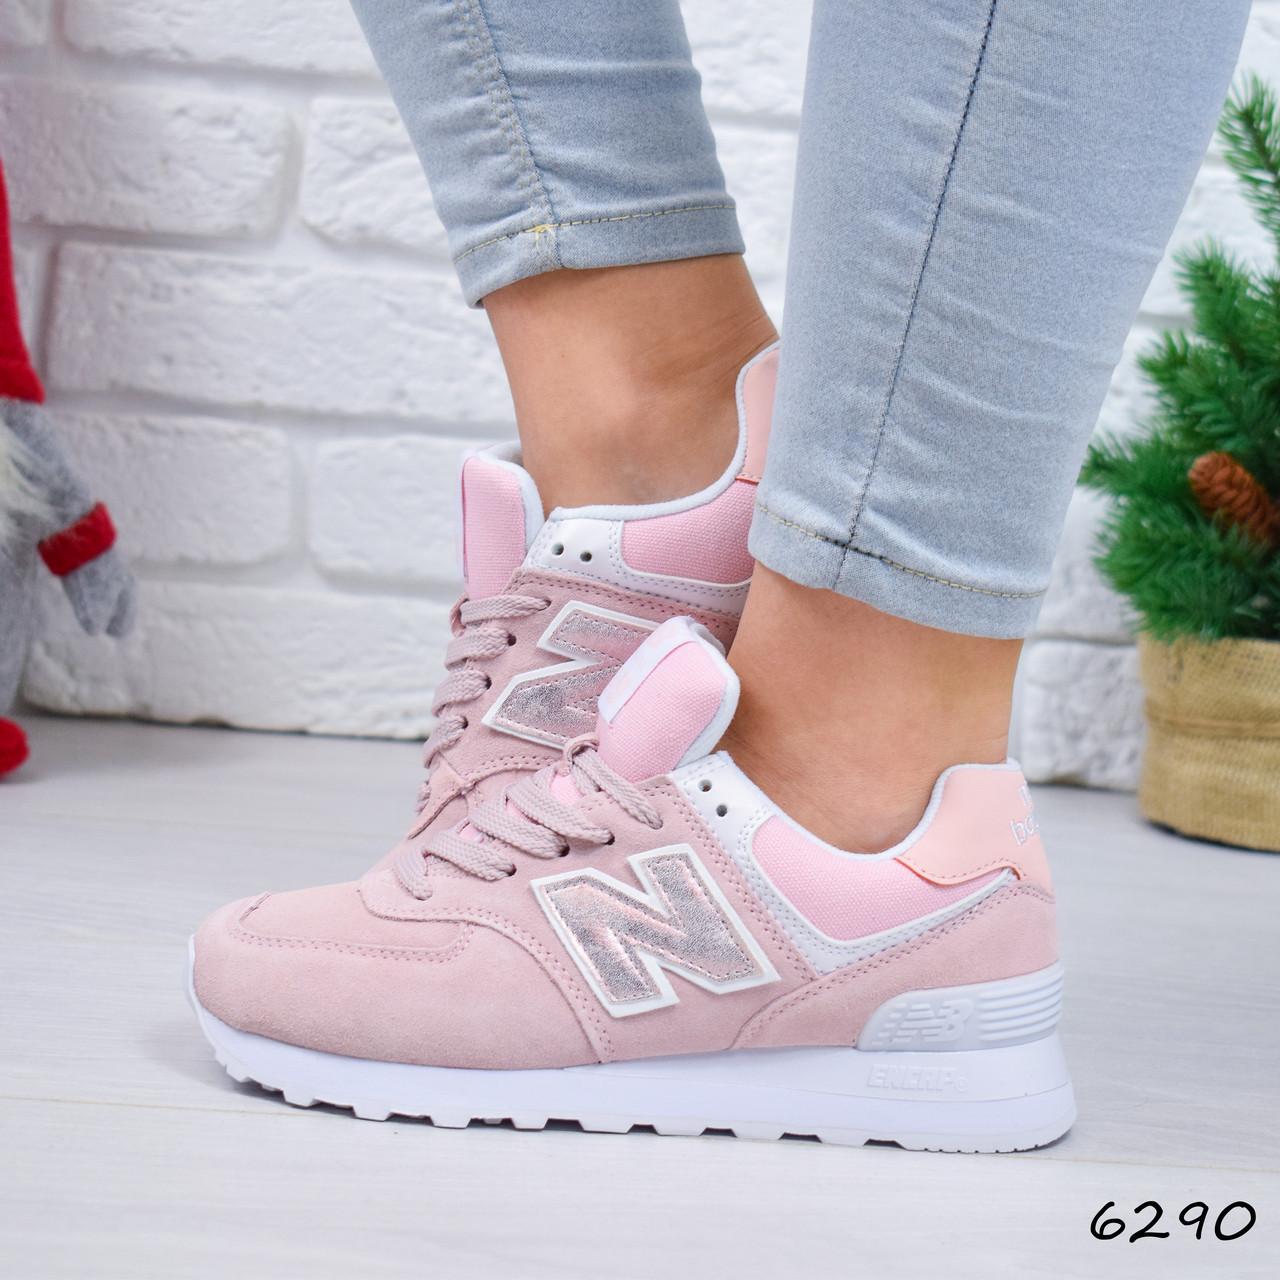 68baaa4a4 Кроссовки женские в стиле New Balance pink 6290, спортивная обувь ...